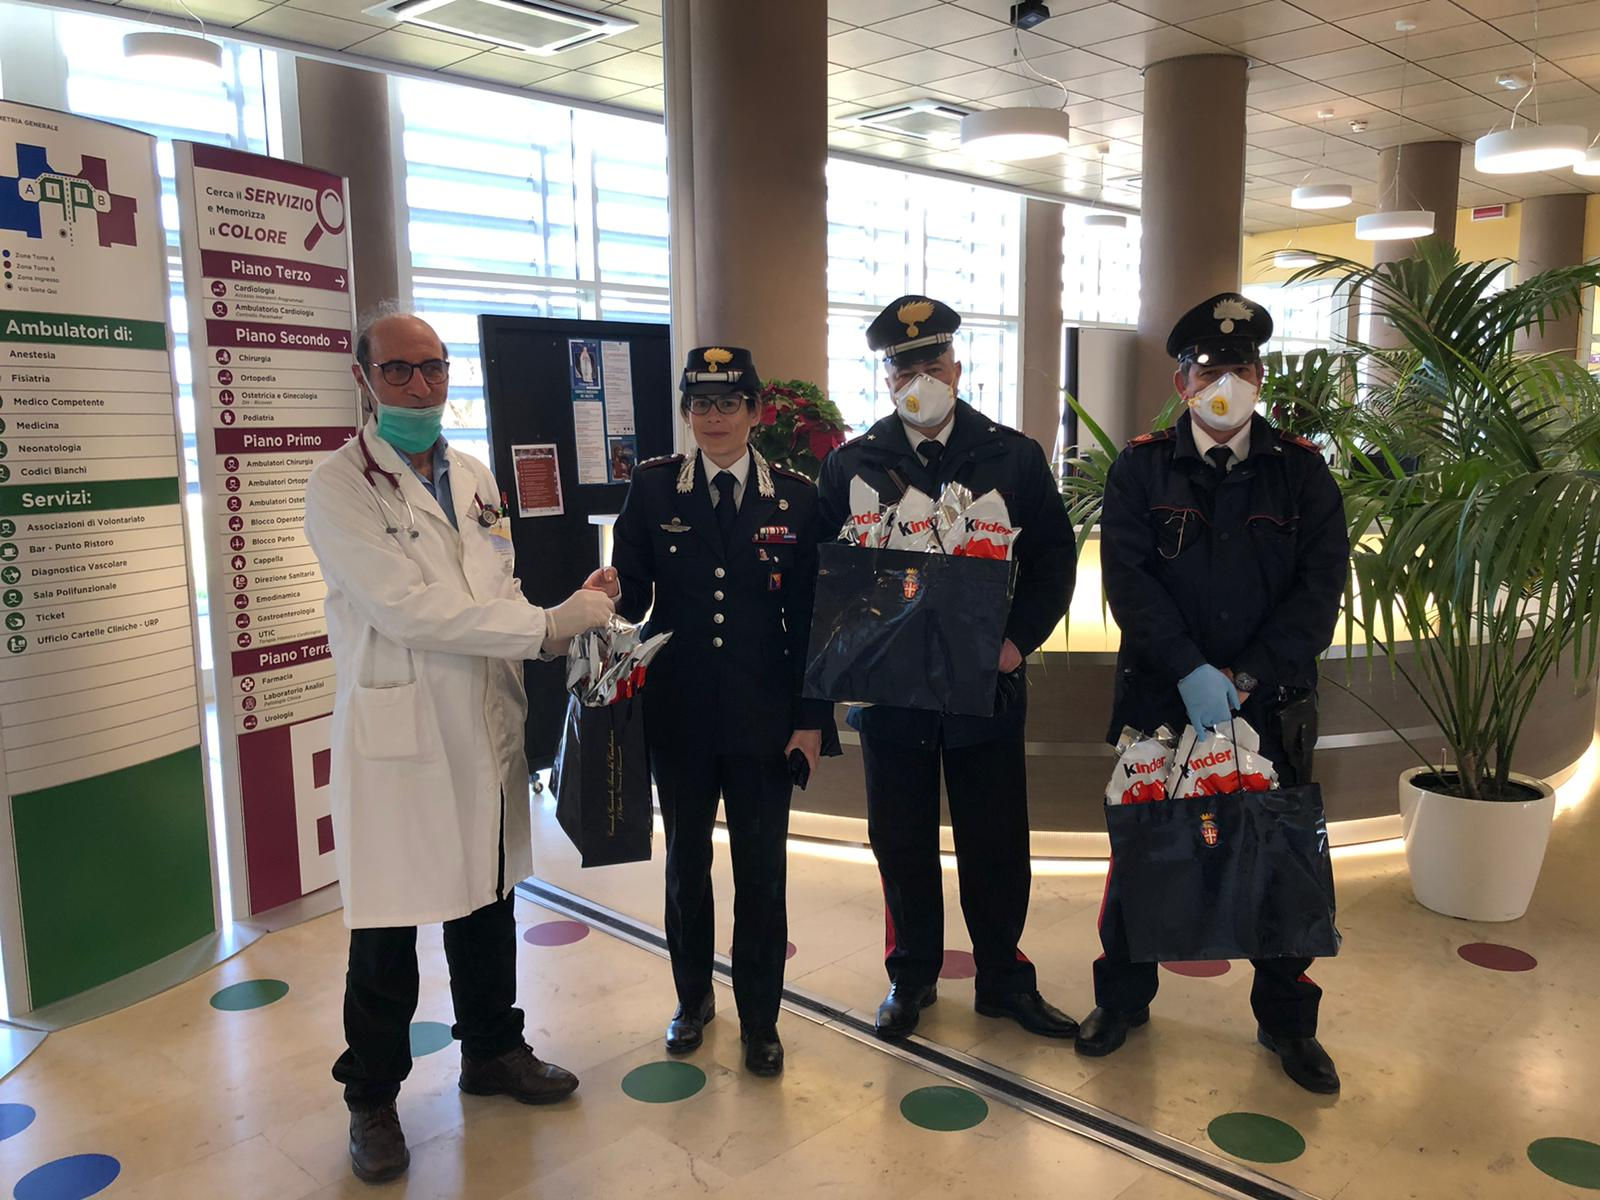 Festività in ospedale, i carabinieri donano uova di Pasqua in Pediatria